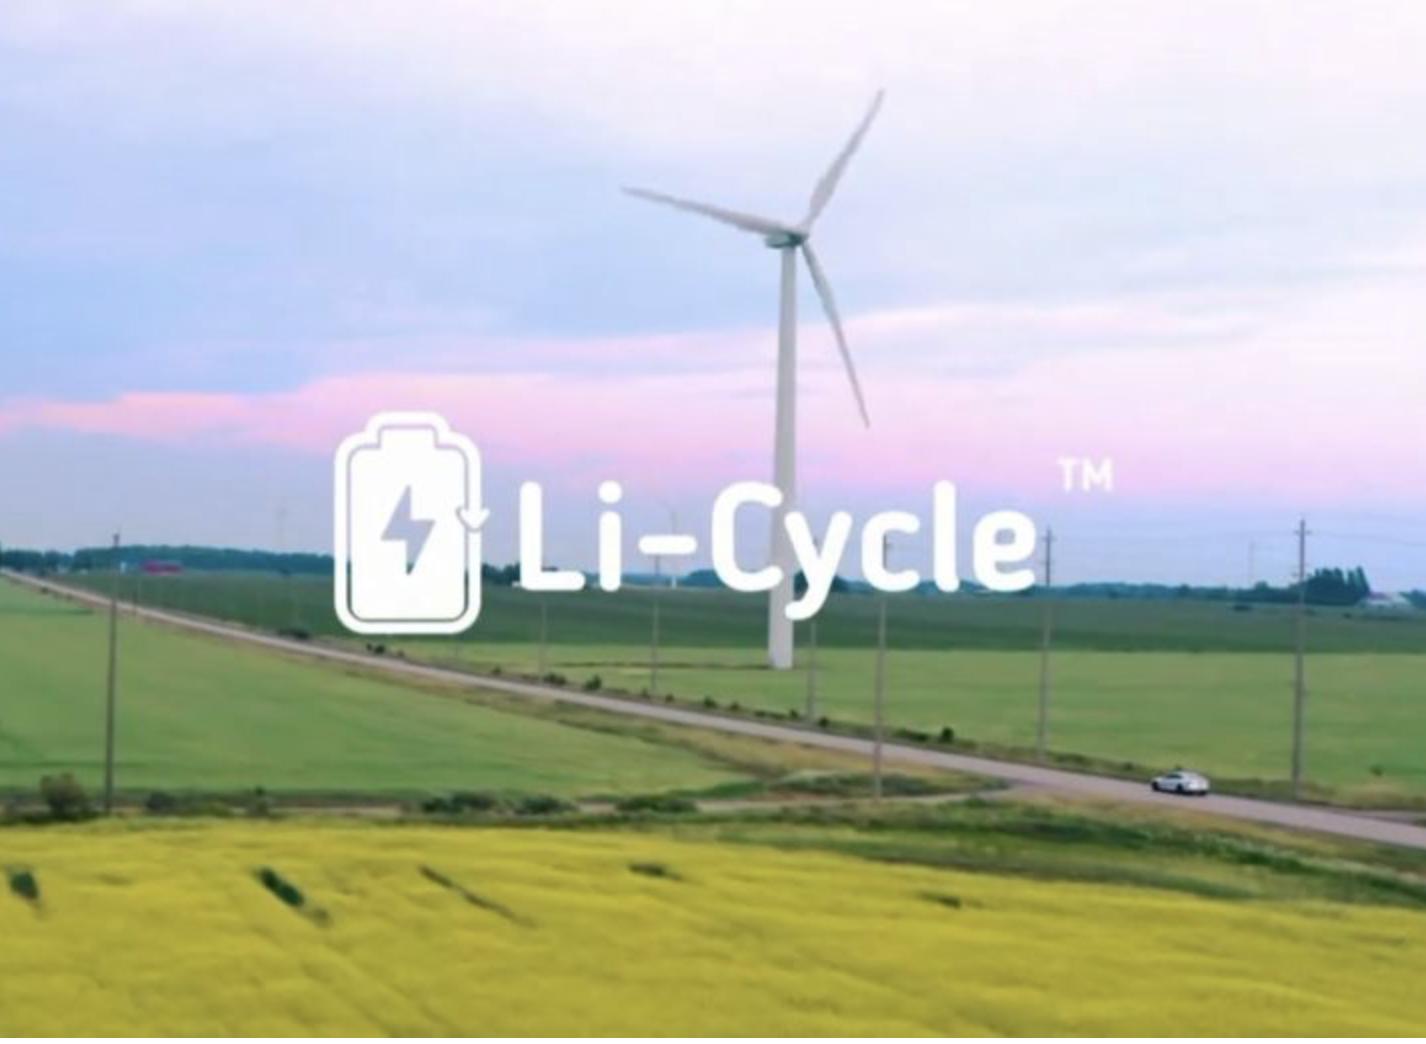 Li-Cycle logo and windmill